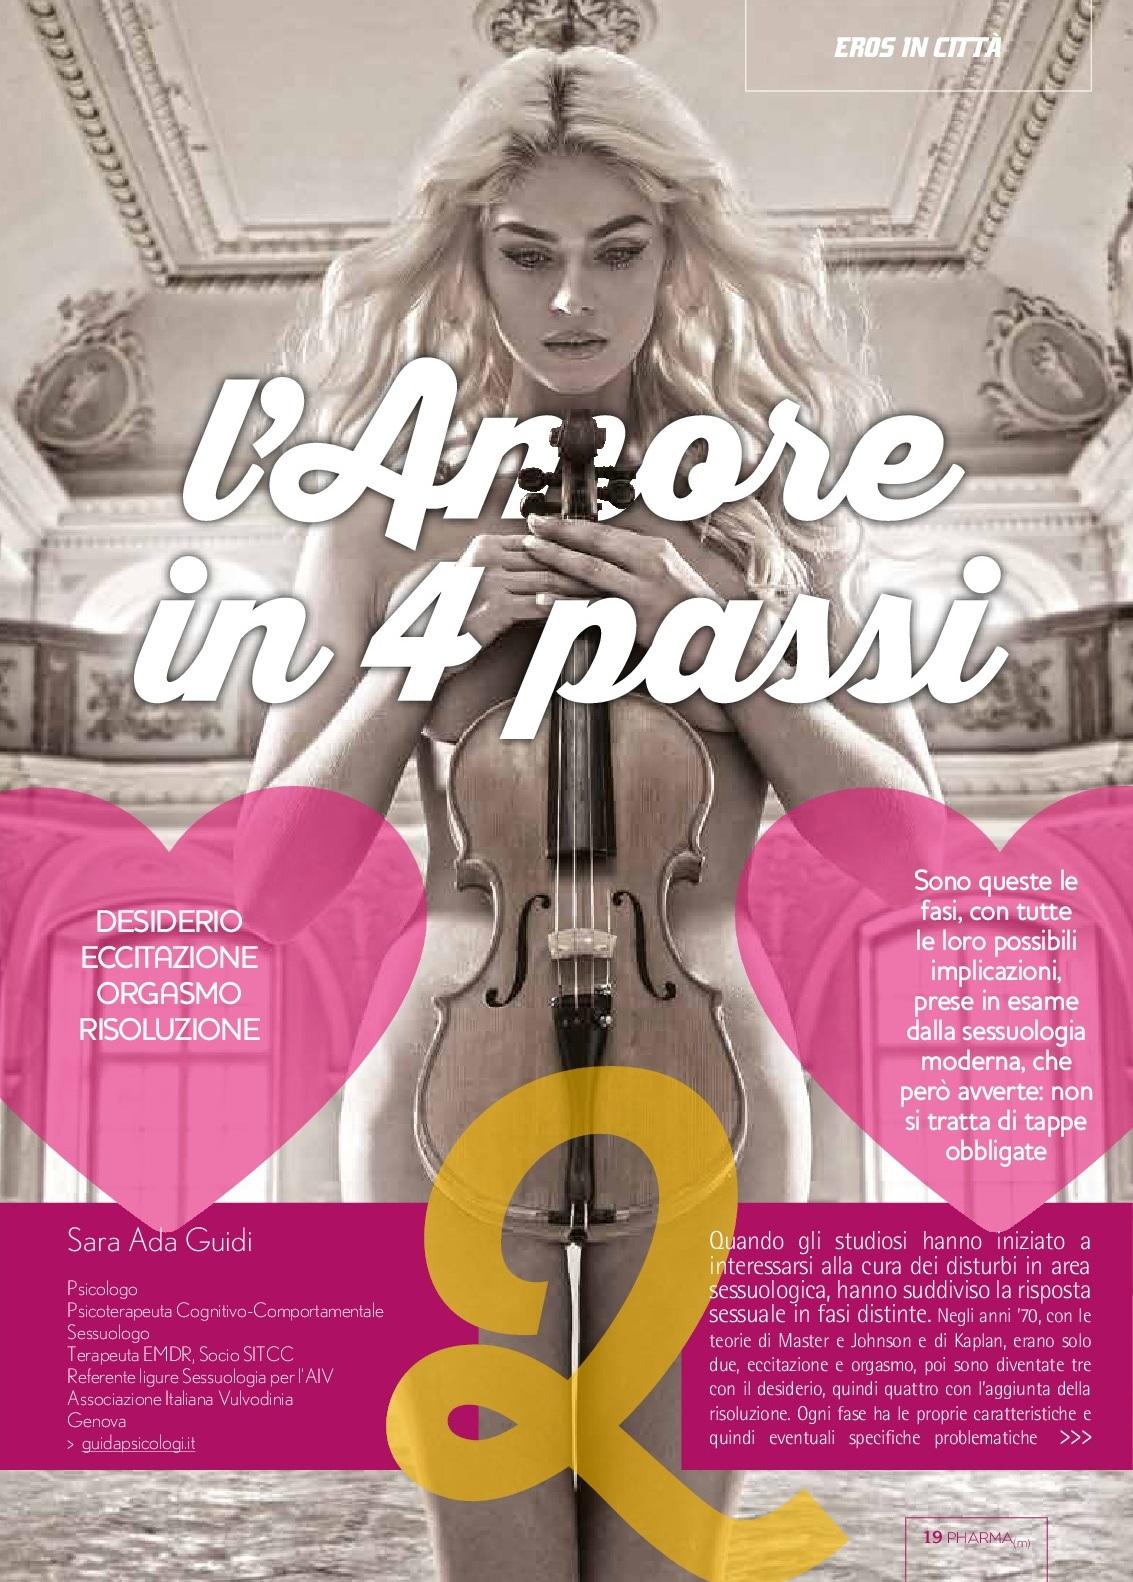 Articolo sulle 4 fasi del rapporto Sessuale, scritto dal dott.ssa Sara Ada Guidi, uscito su rivista Pharmamagazine nel 2015 per la rubrica Eros in città